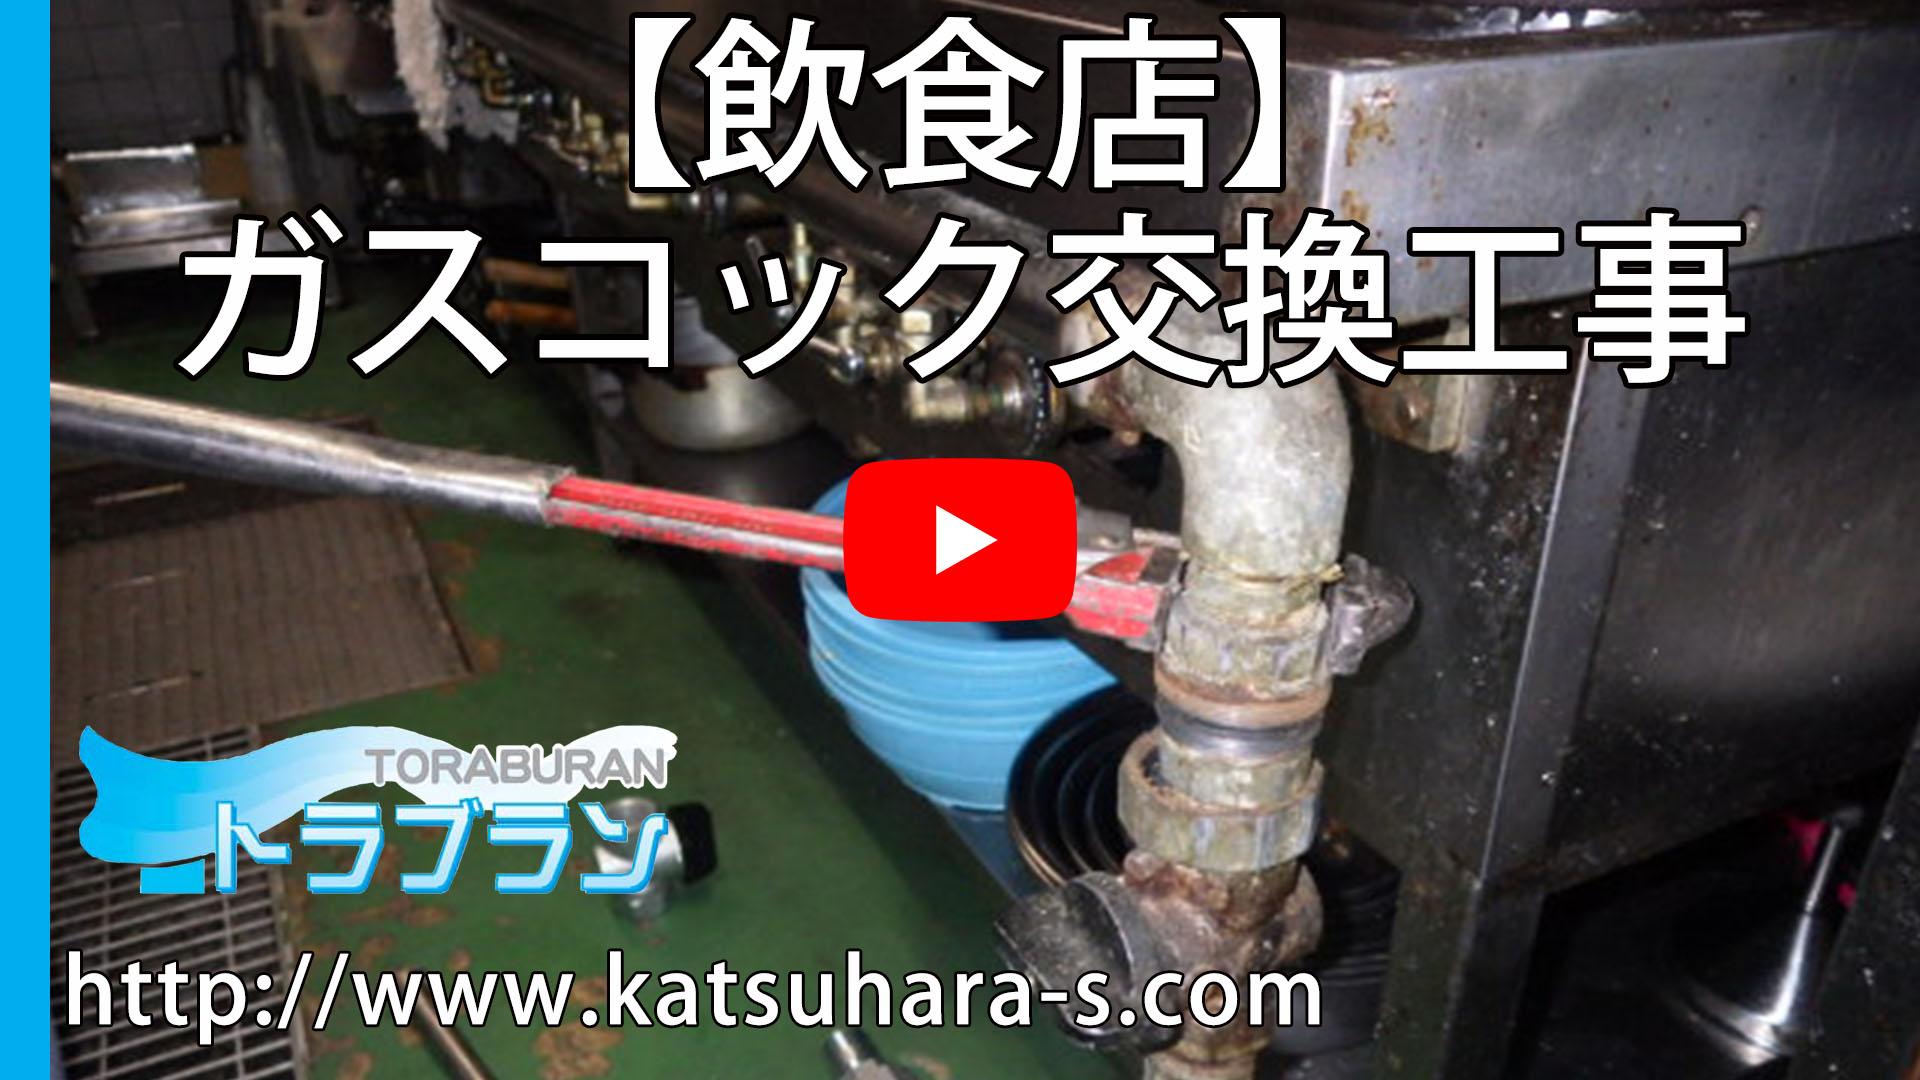 【飲食店】ガスコック交換工事のサムネイル